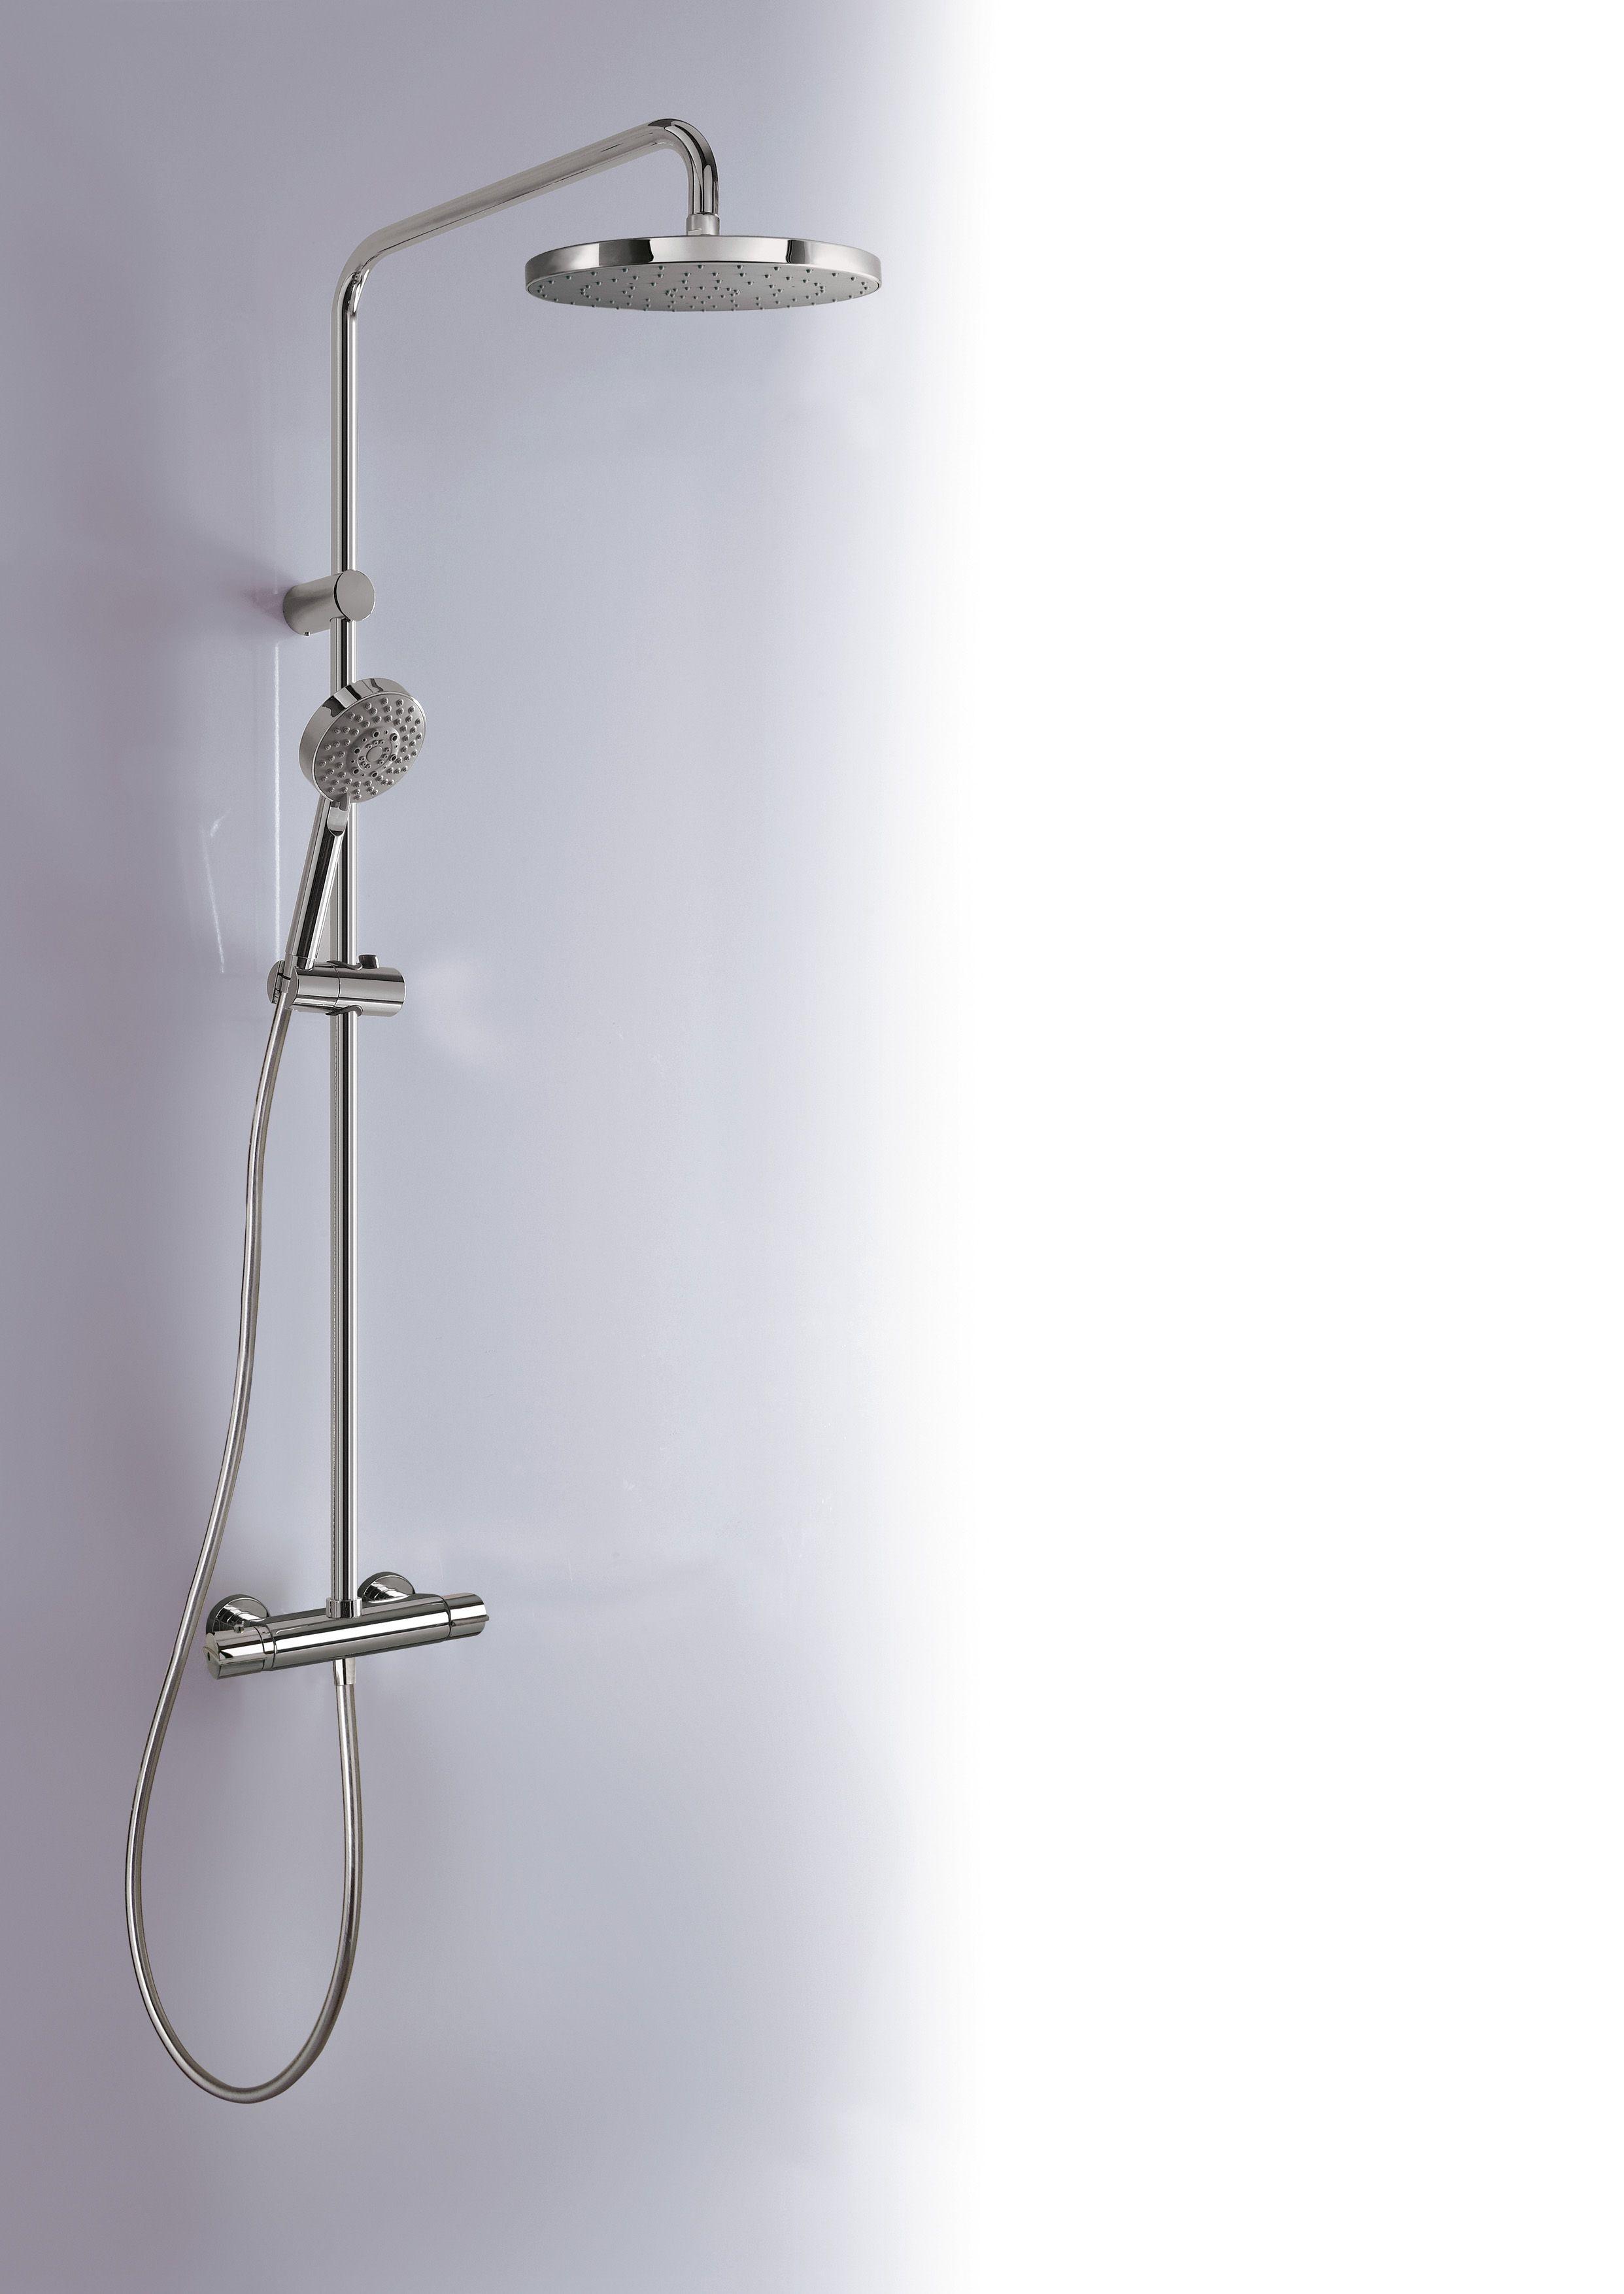 keuken #badkamer #kraan #modern #tres #lex #hoofddouche ...